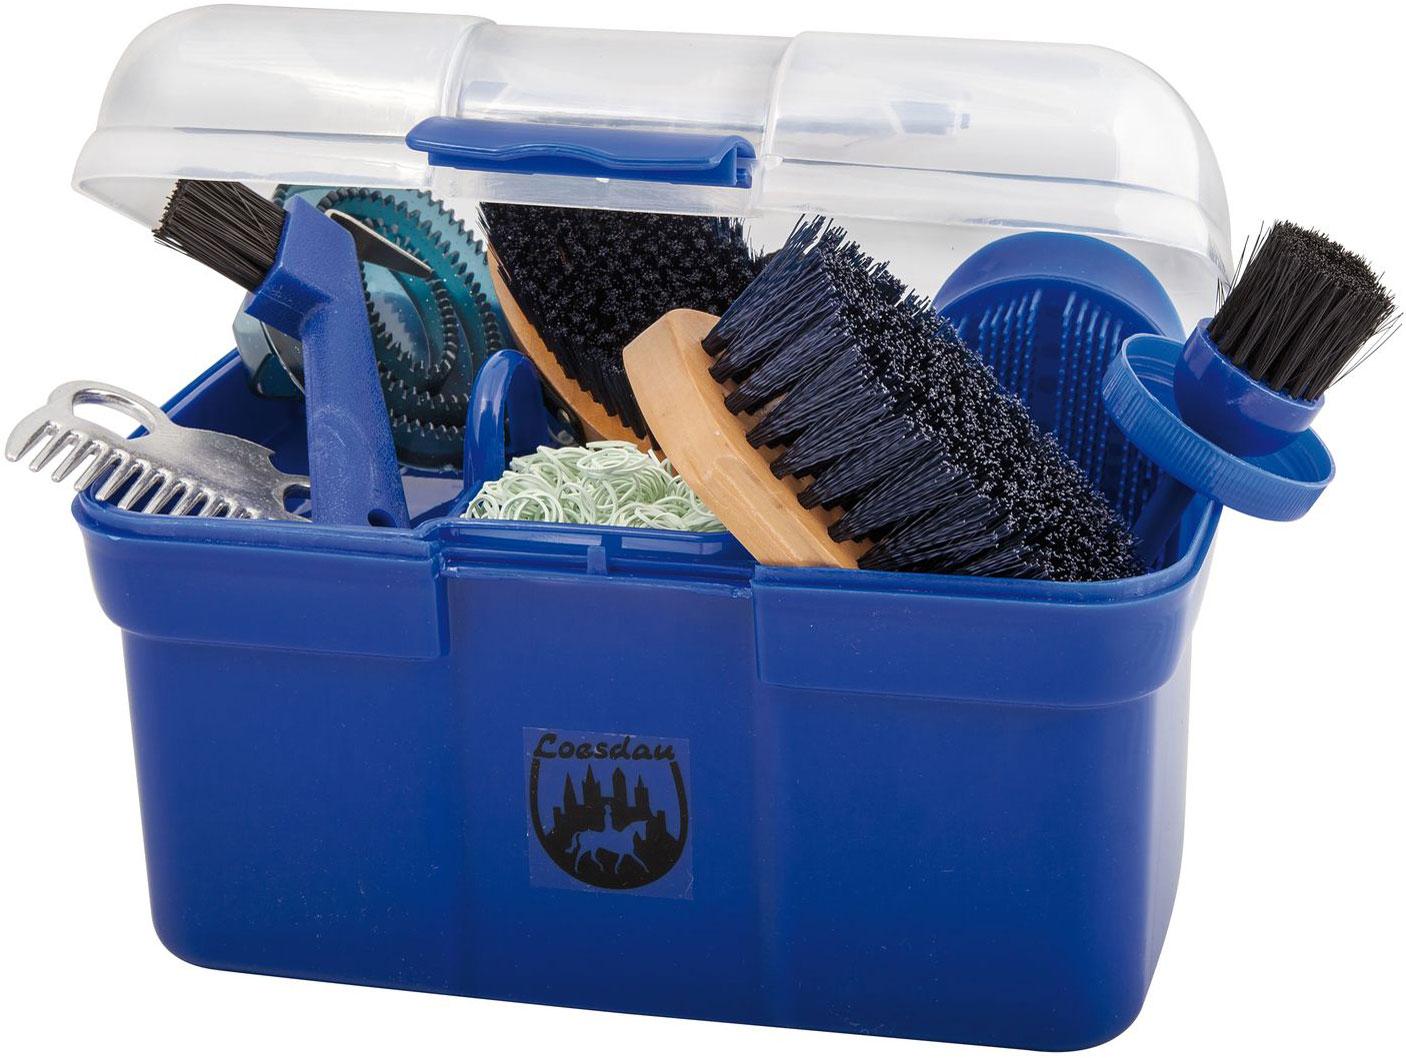 Ящик для принадлежностей. Вместо него можно купить большой пластиковый контейнер. 1000—3000<span class=ruble>Р</span>. Источник: new-best-horse.com